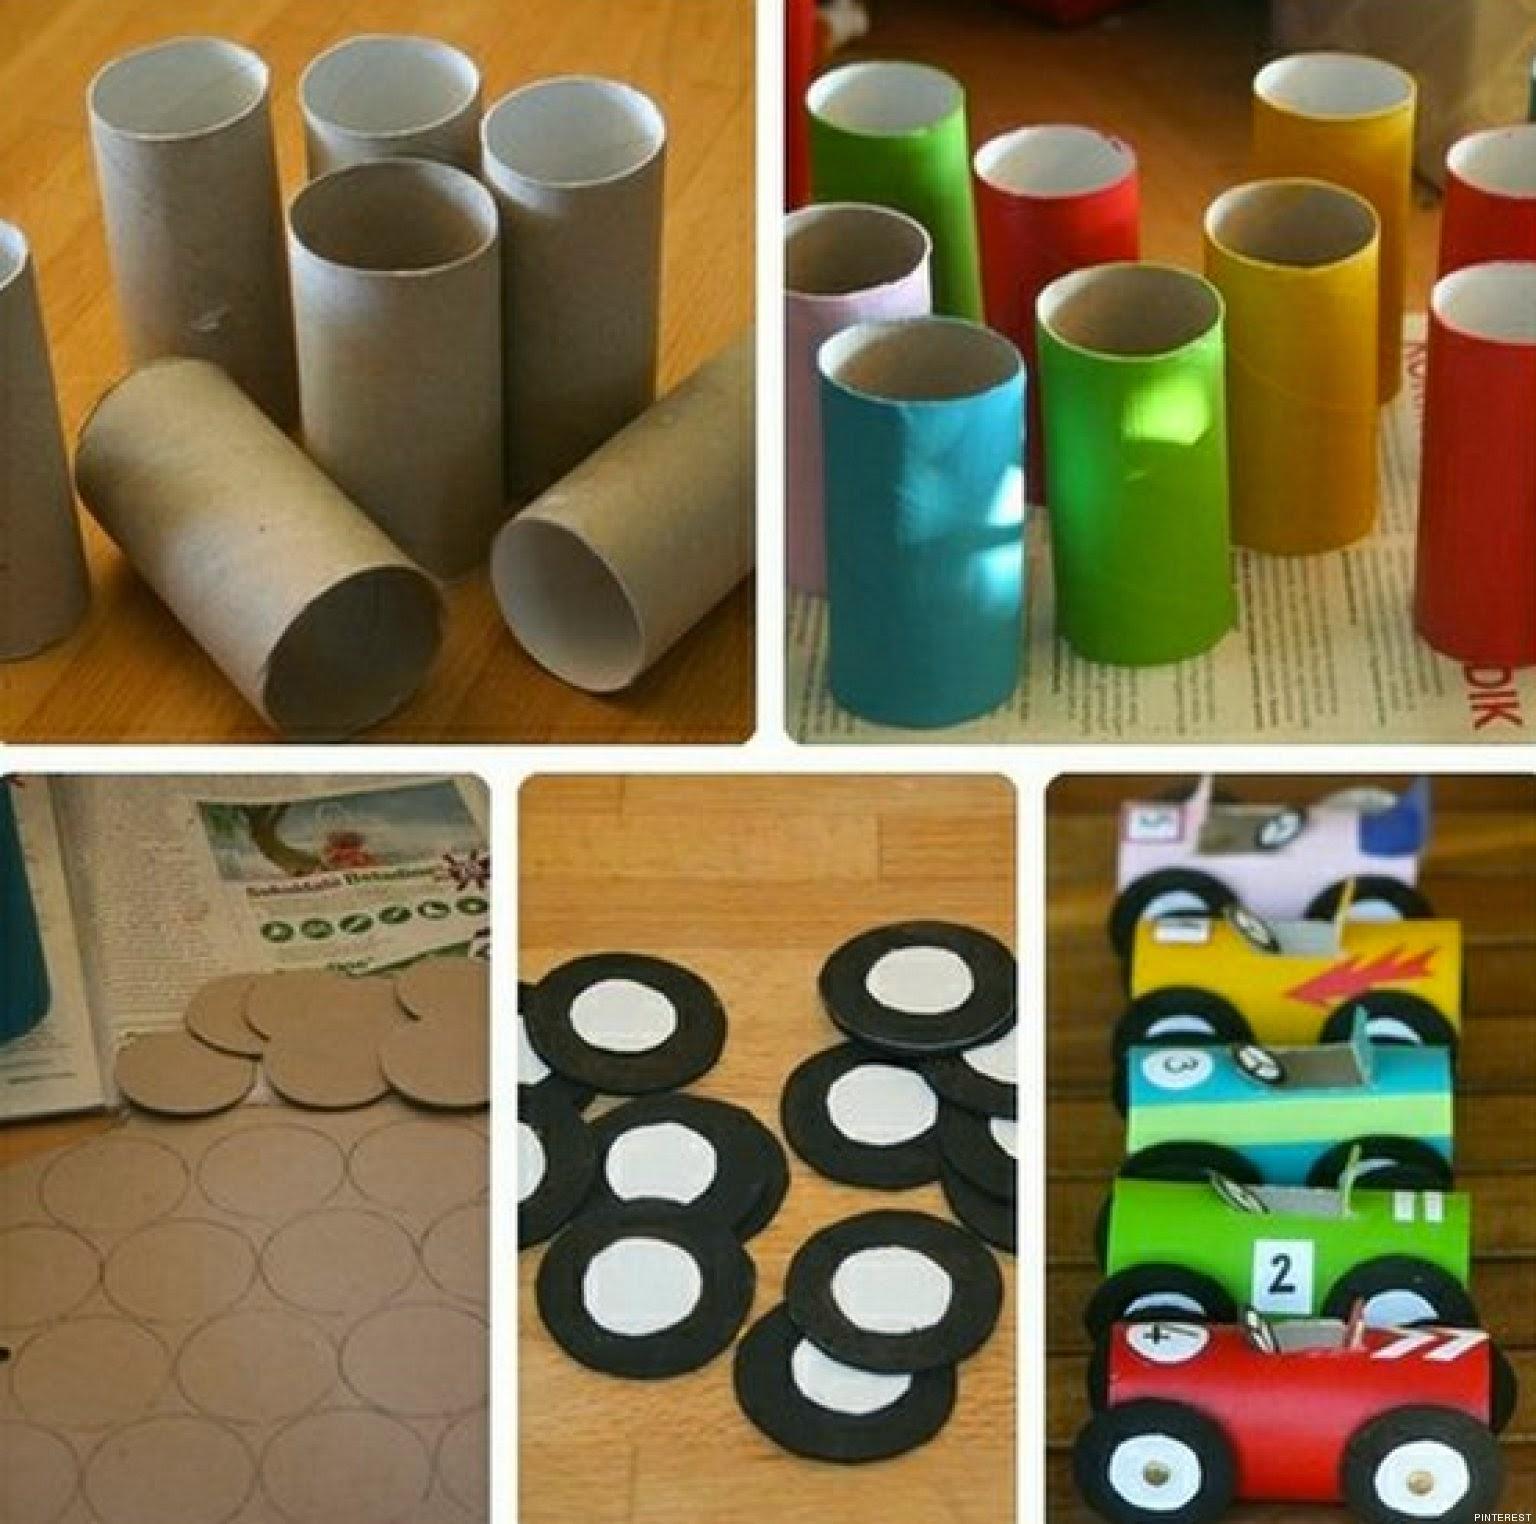 Manualidades creativas y faciles zapatero de tubos de pvc - Como hacer un zapatero casero ...